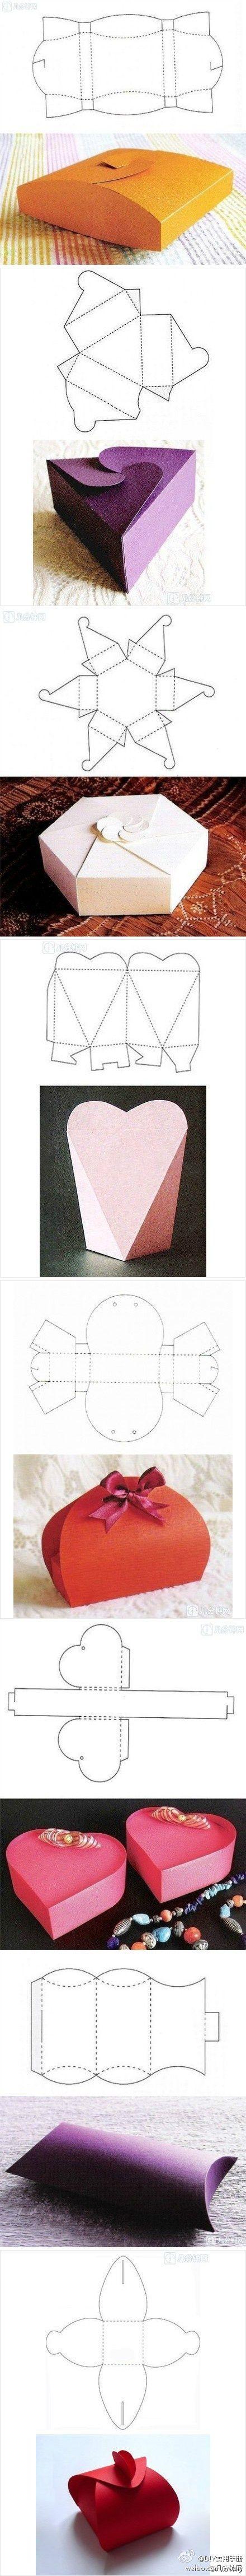 Shaped Gift Box Patterns